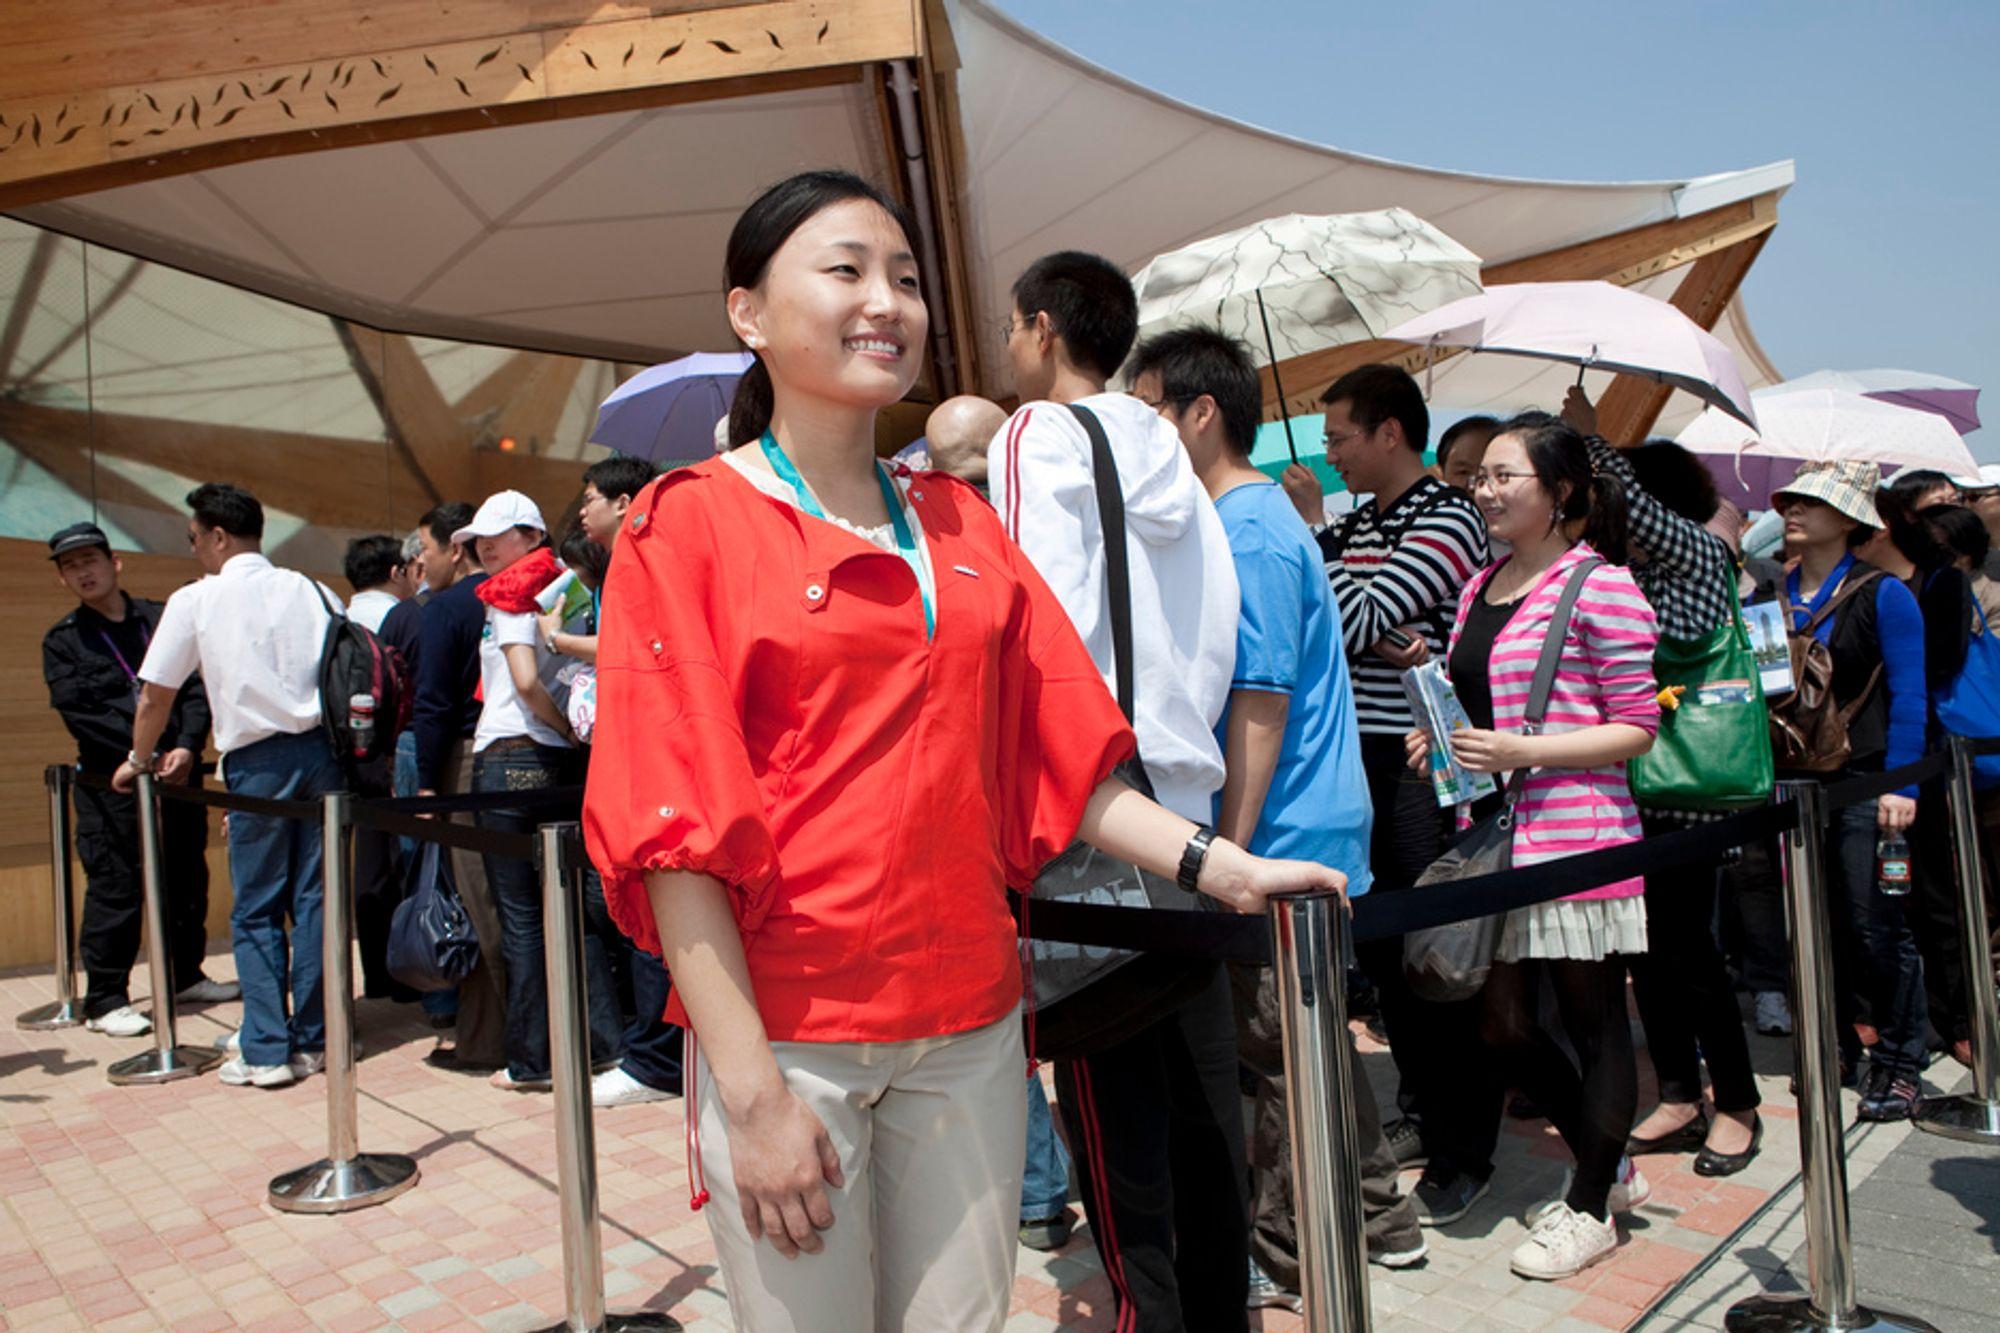 EXPO 2010: Snart tre millioner kinesere har stått i kø for å se den norske paviljongen i Shanghai. Norske statsråder og norsk næringsliv håper kontakten ender med en frihandelsavtale. Foto: Kristin Welle-Strand